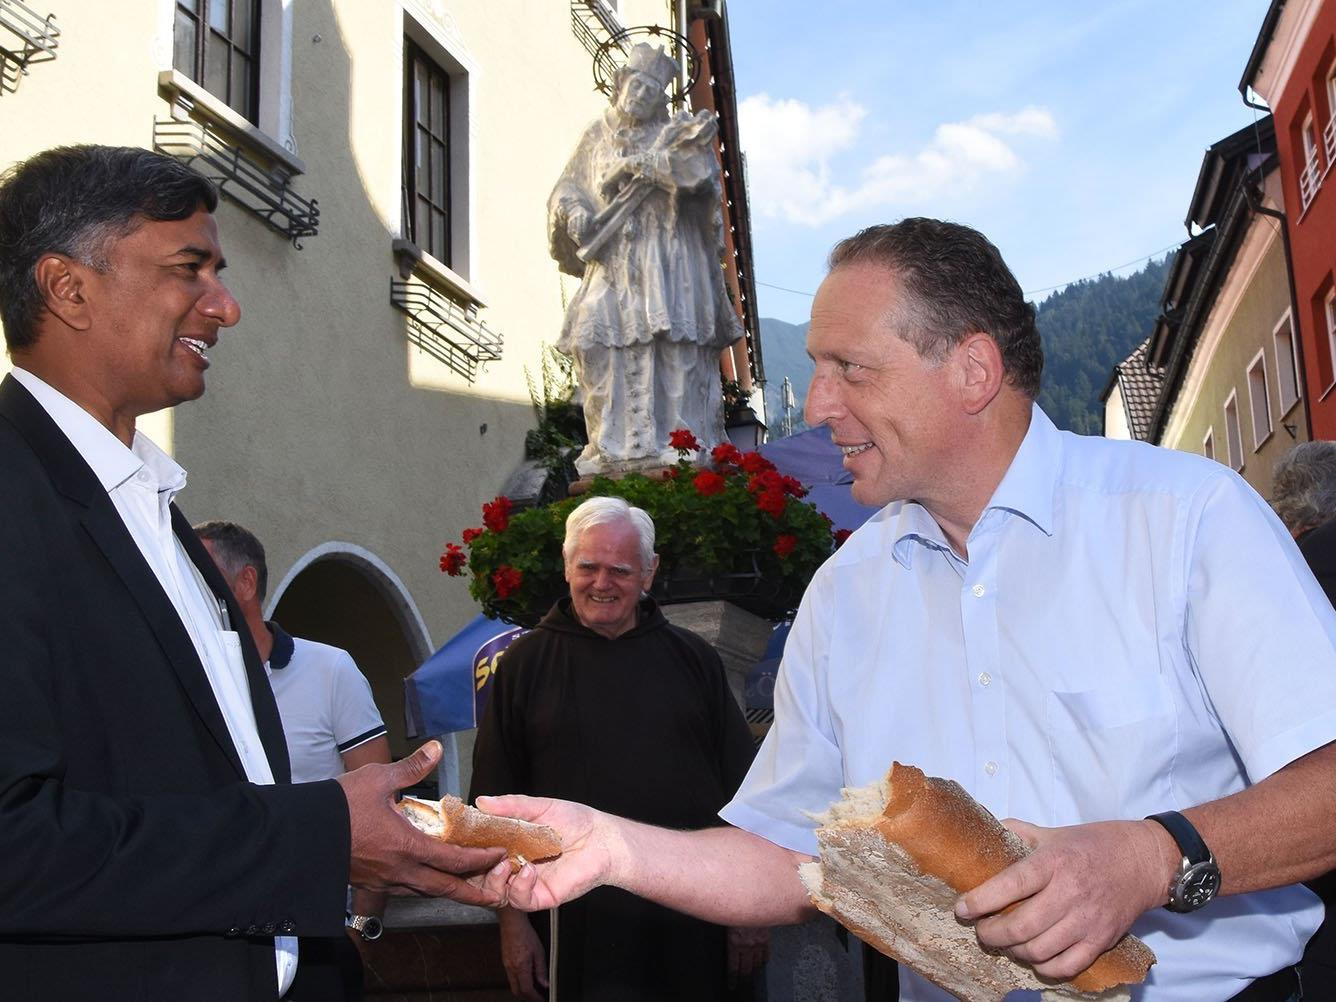 Der Arbeiterkammerpräsident reicht dem Bludenzer Kaplan ein Stück Brot.